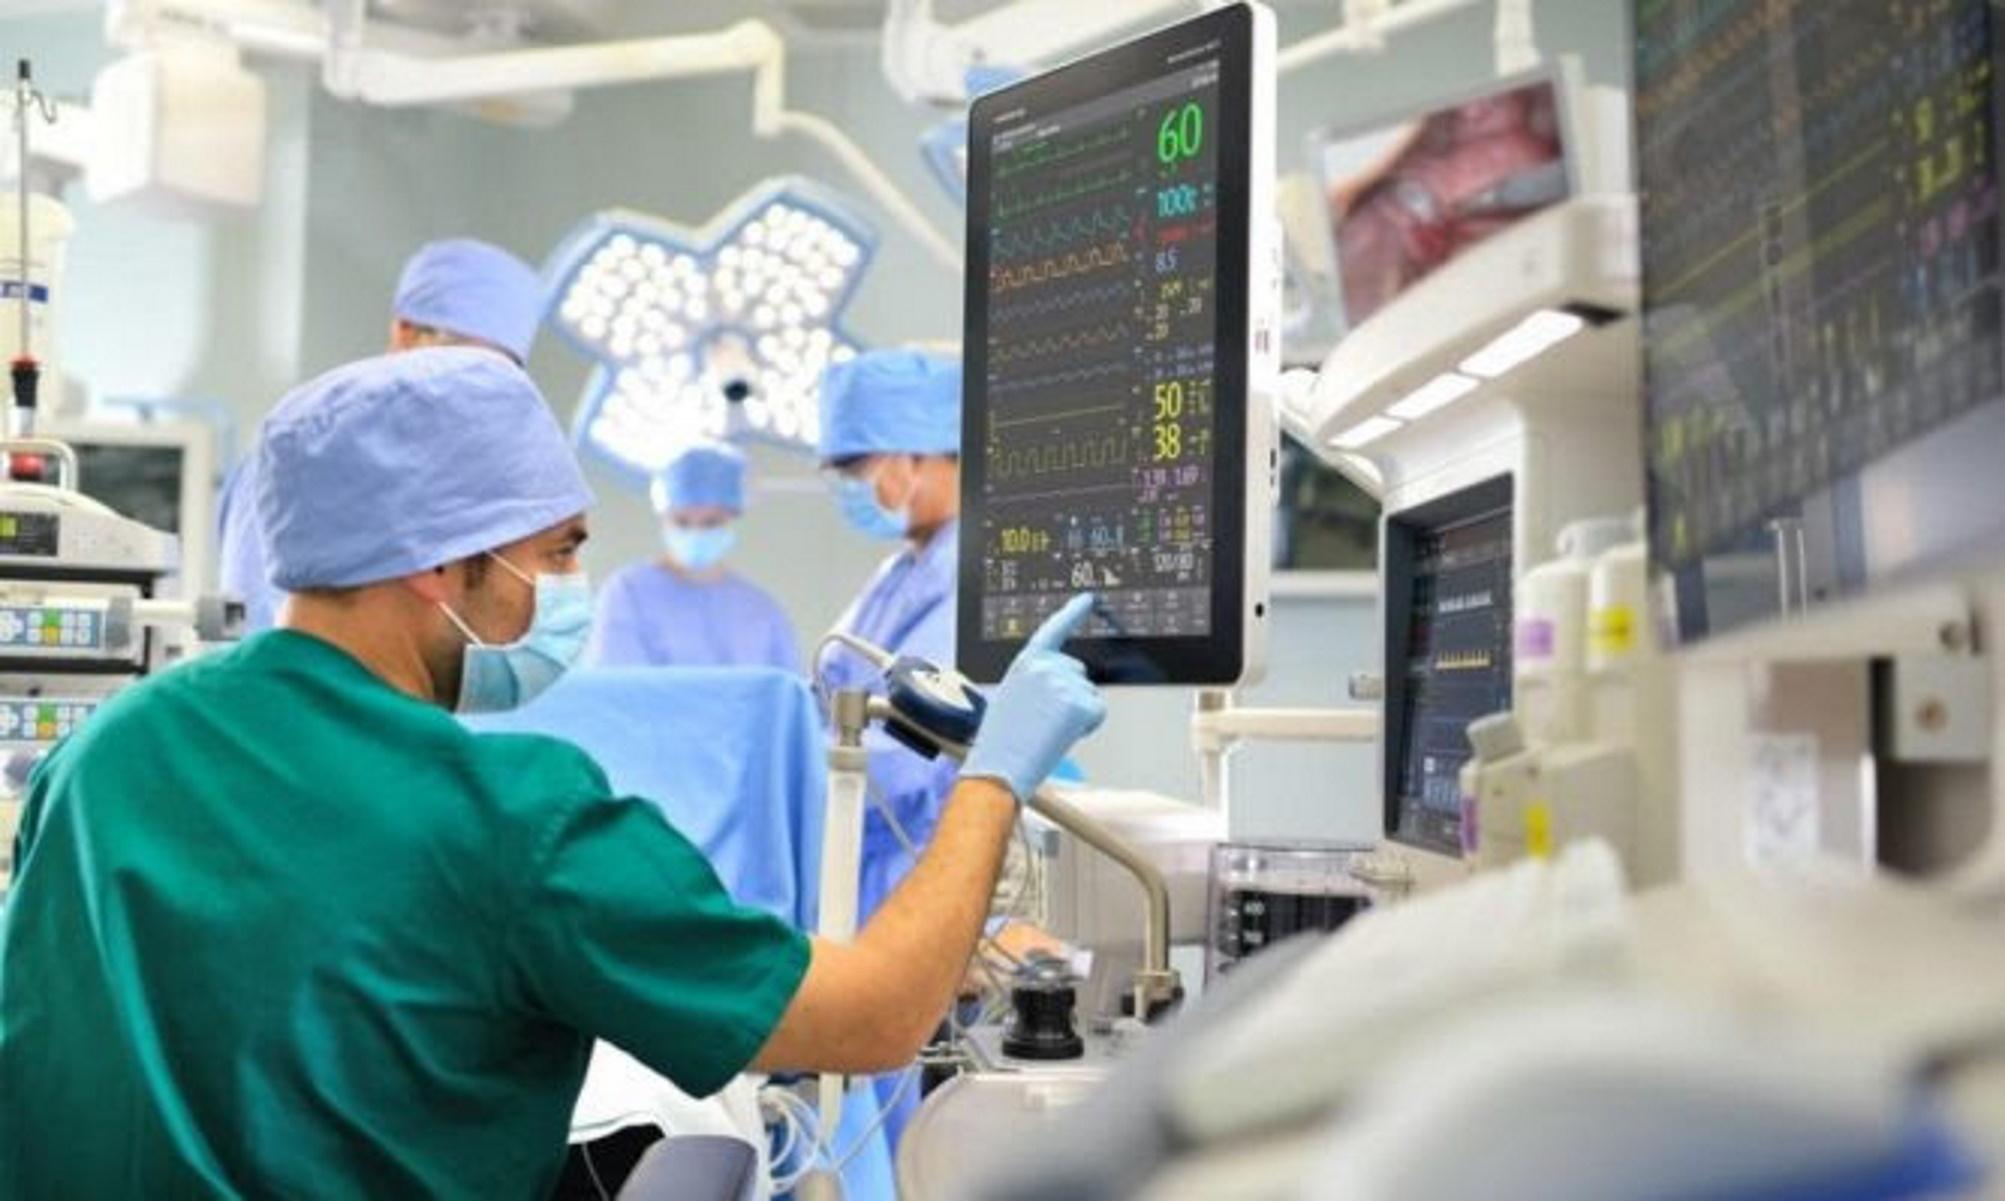 Νοσοκομειακοί γιατροί (ΟΕΝΓΕ): Προσφεύγουν στον Άρειο Πάγο για τους διασωληνωμένους εκτός ΜΕΘ